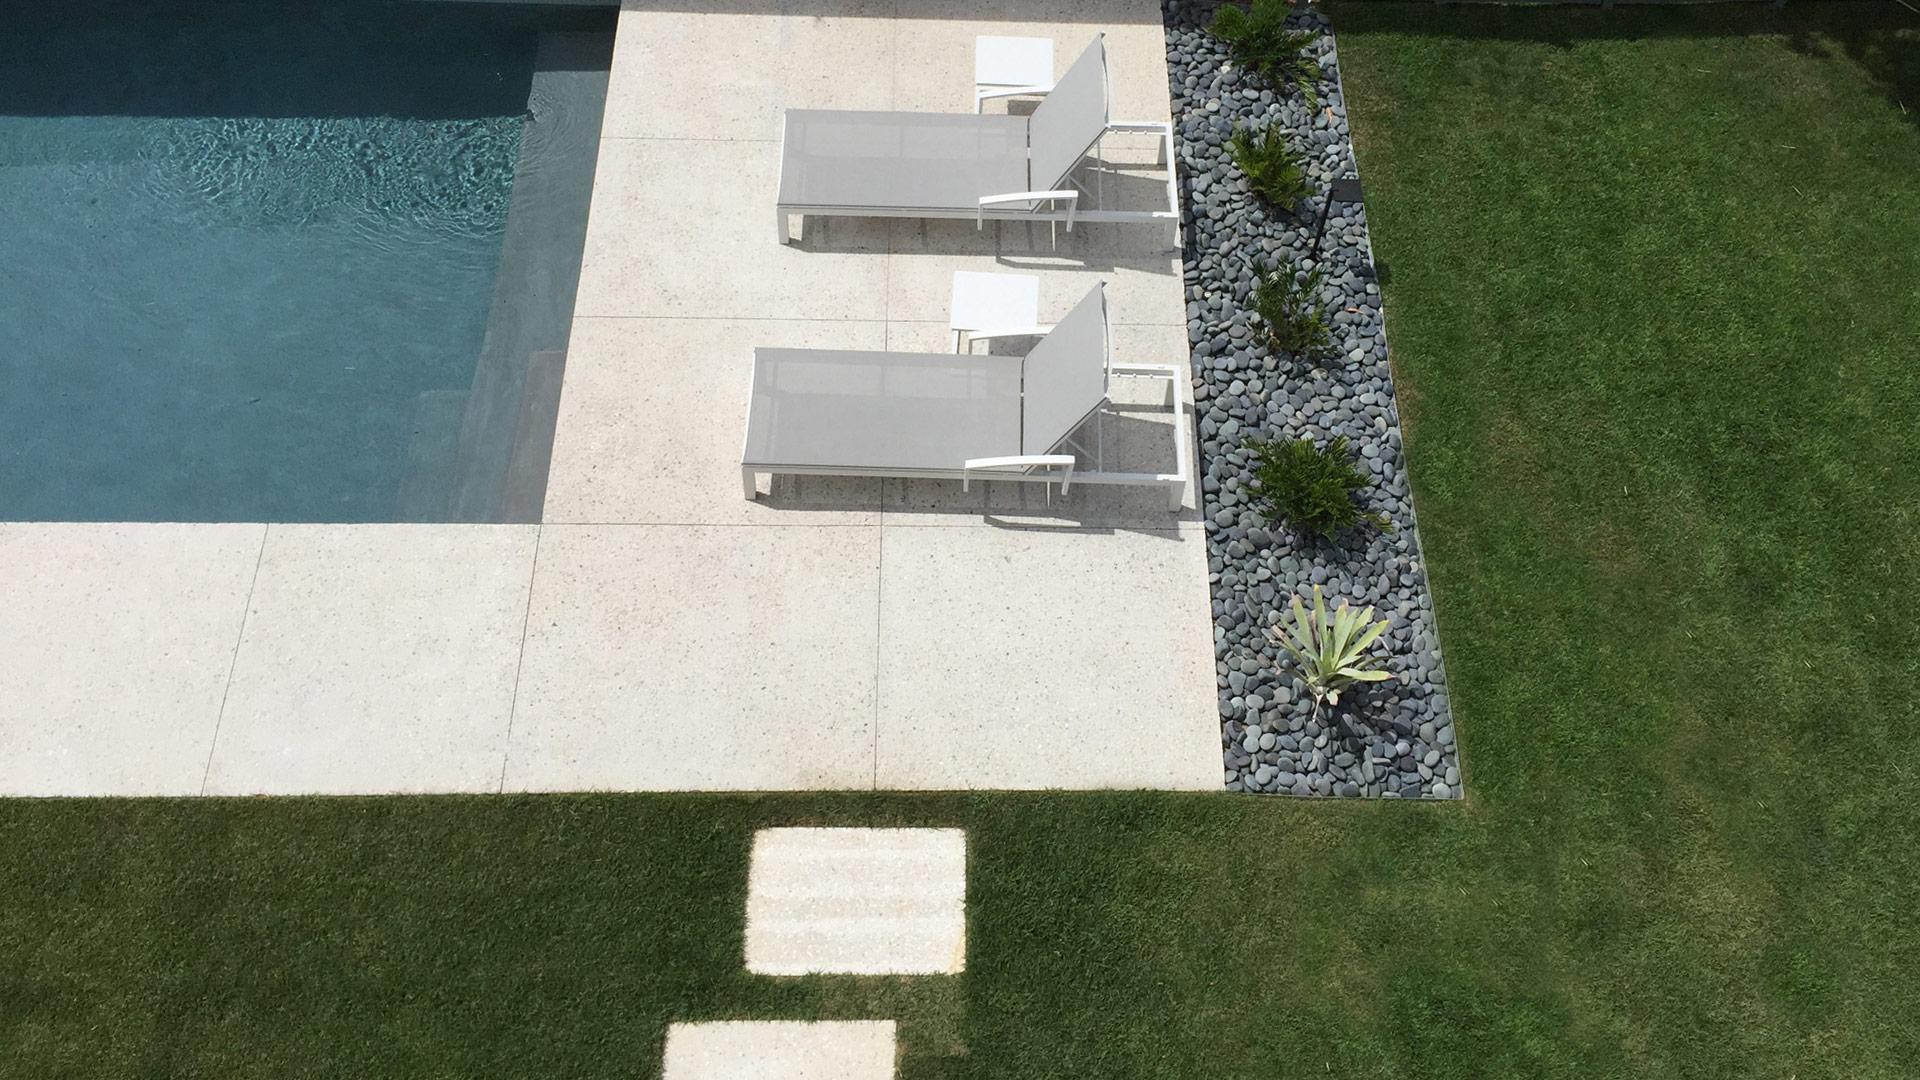 david k lowe sarasota interior design